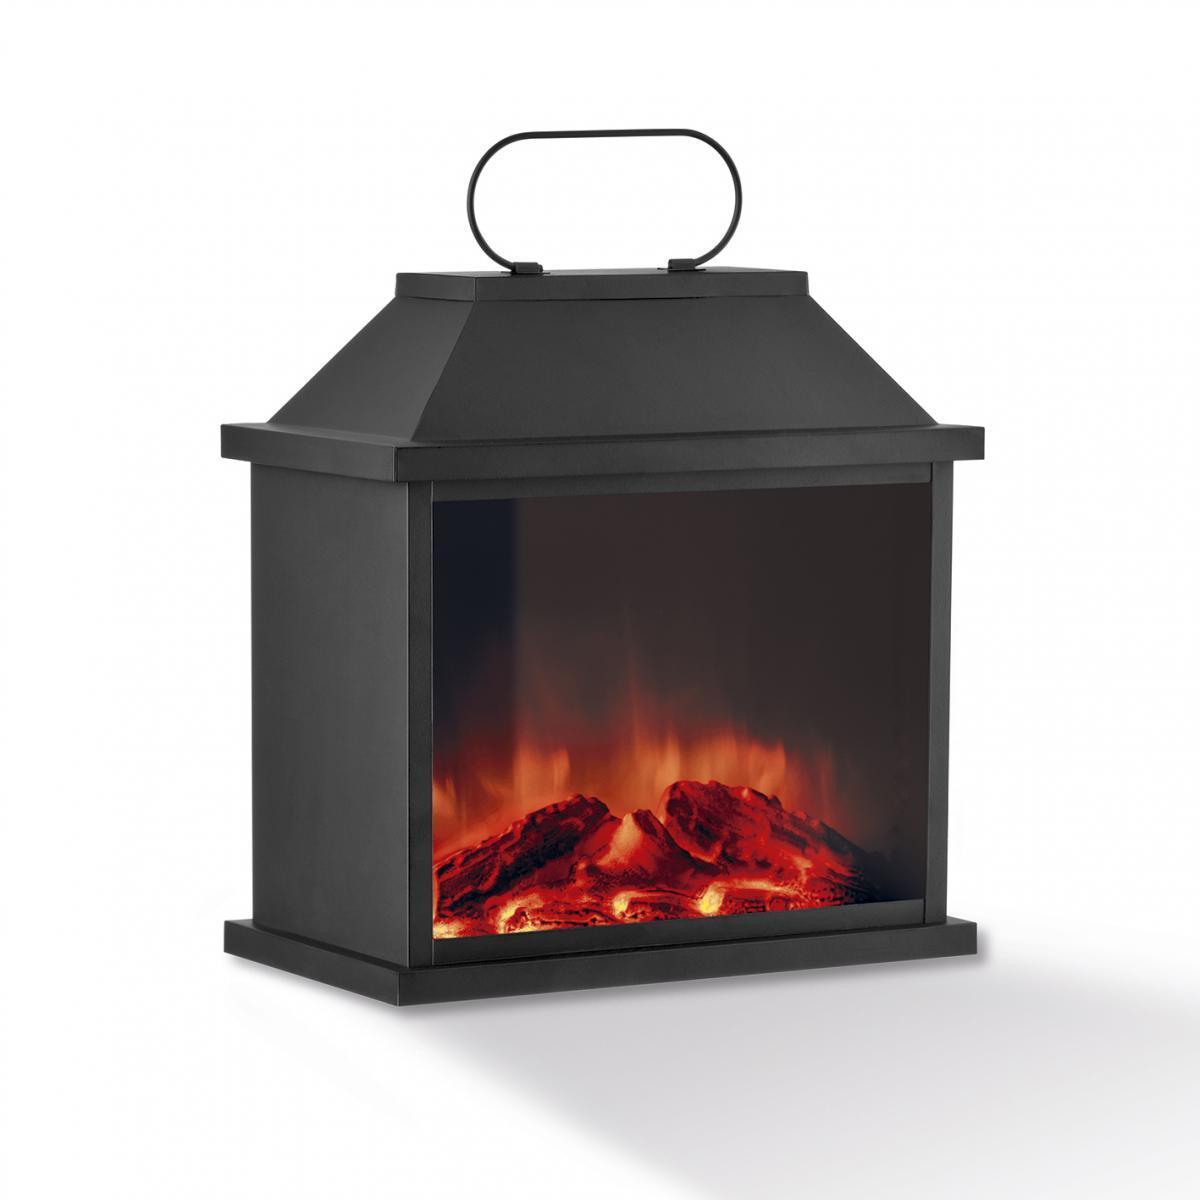 Bild 1 von EASYmaxx LED-Laterne Flamme Metall 4,5V schwarz